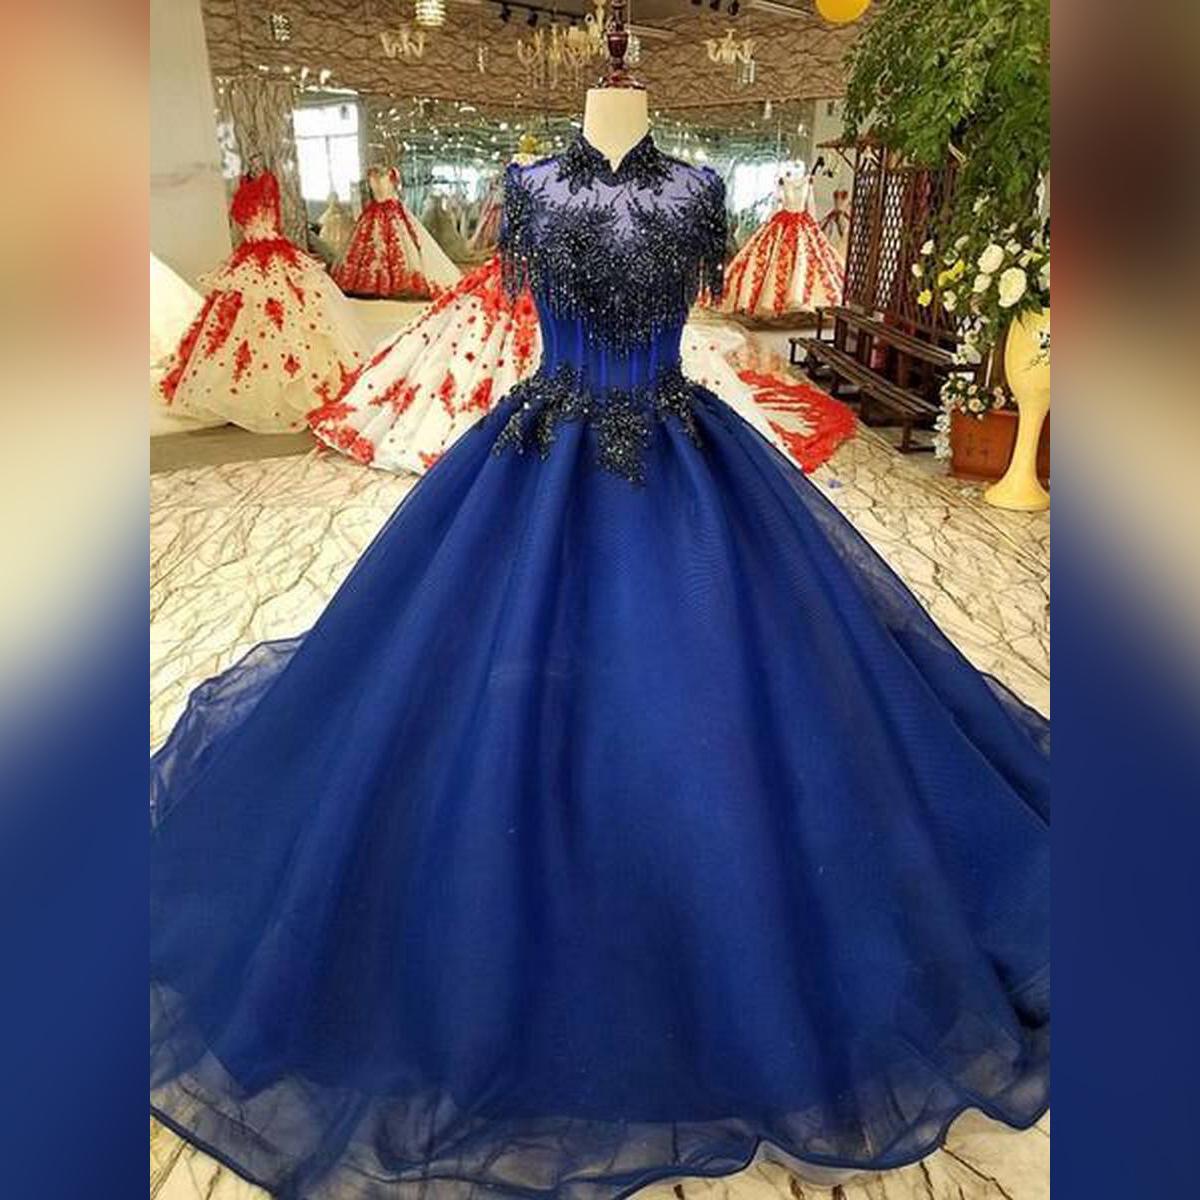 EVENING DRESS FOR WOMEN'S